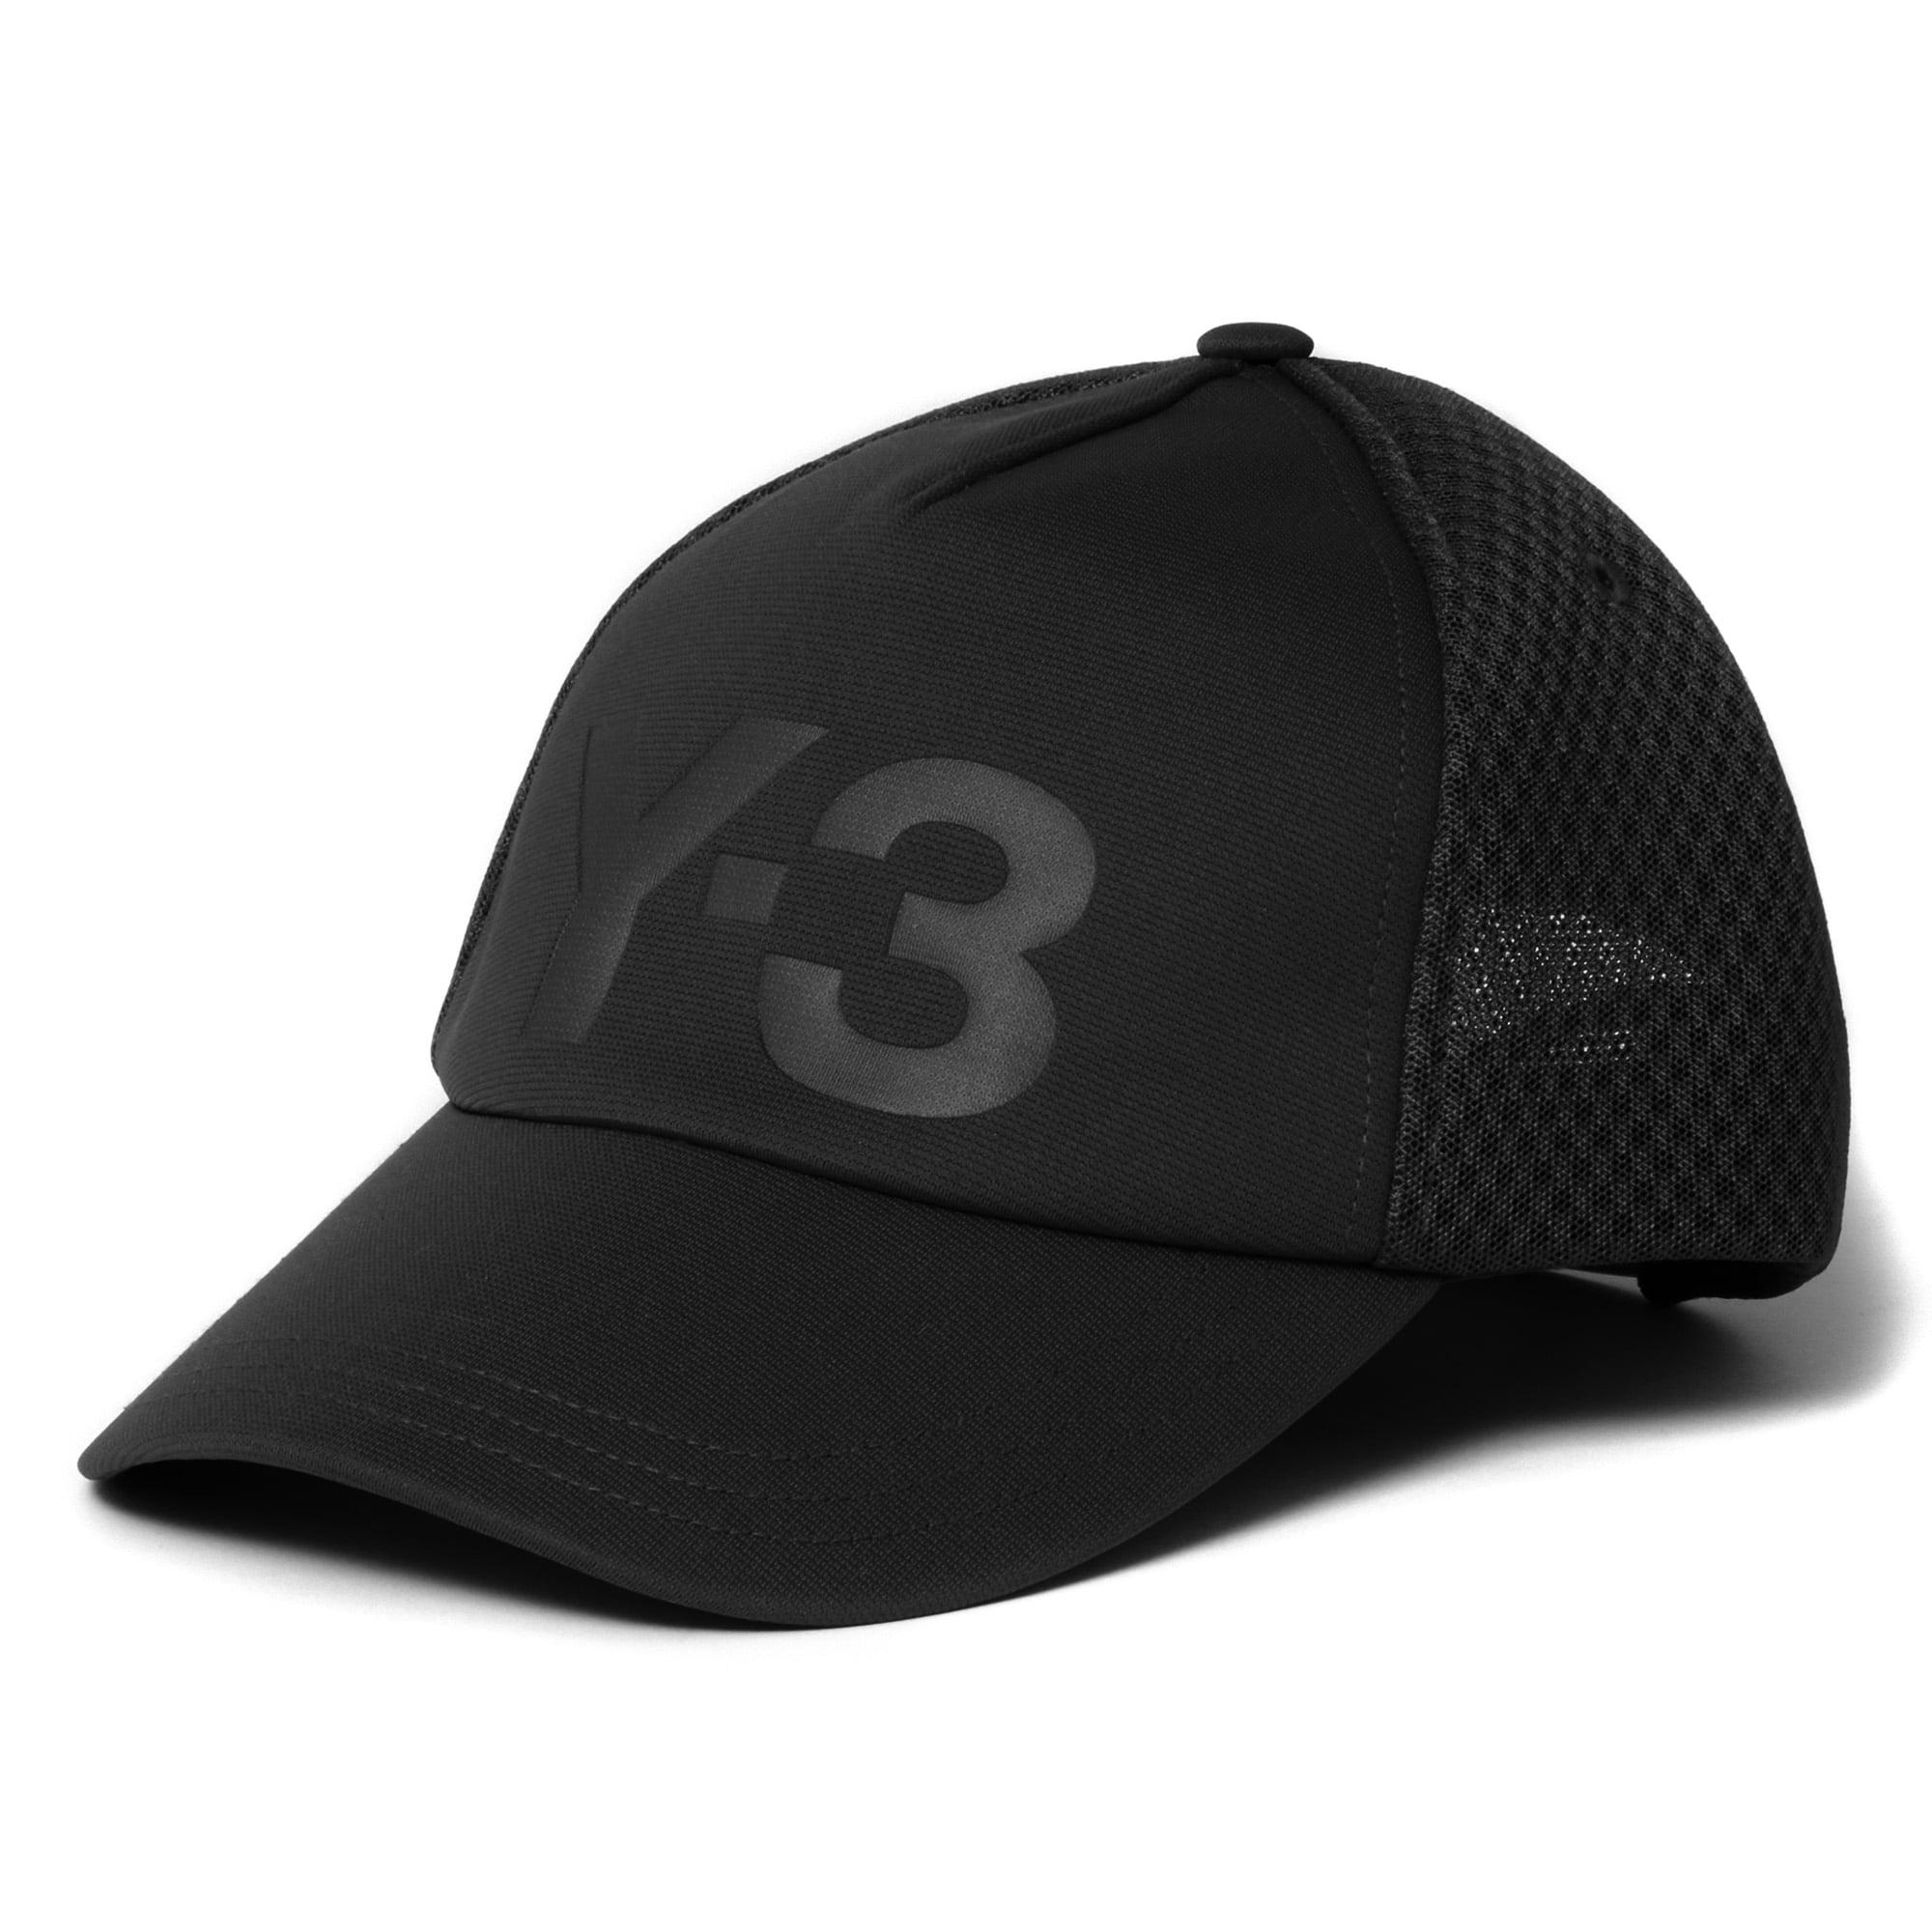 b2af8e869fee0 Adidas Y-3 Classic Trucker Cap